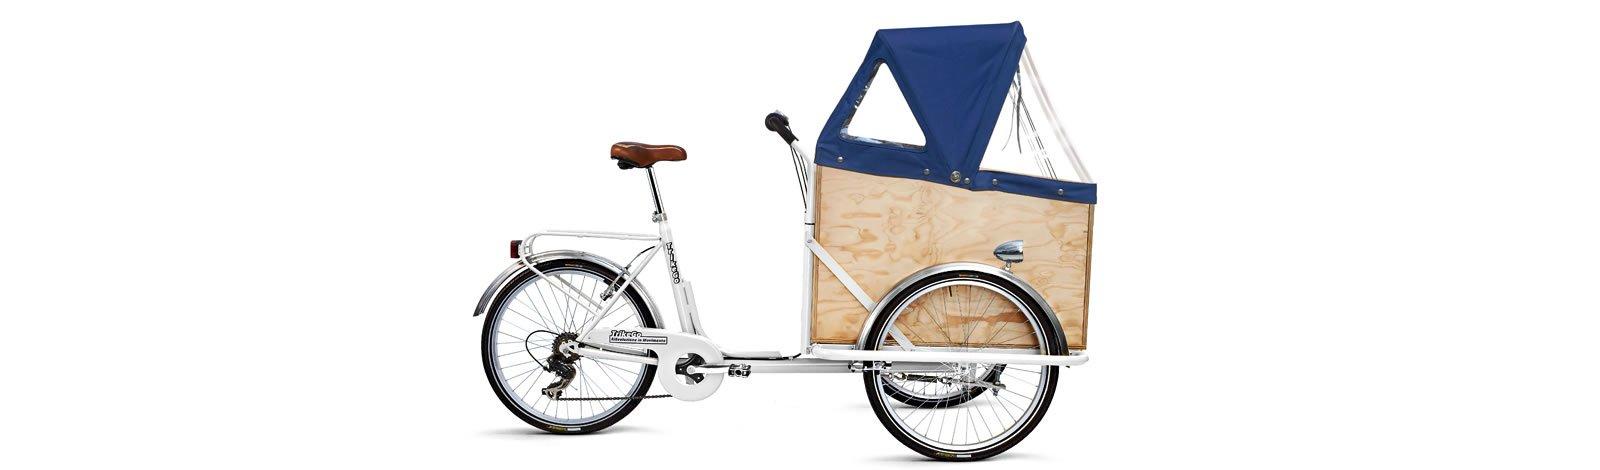 TrikeGo Cargobike- cassone - capottina chiusa - bianco